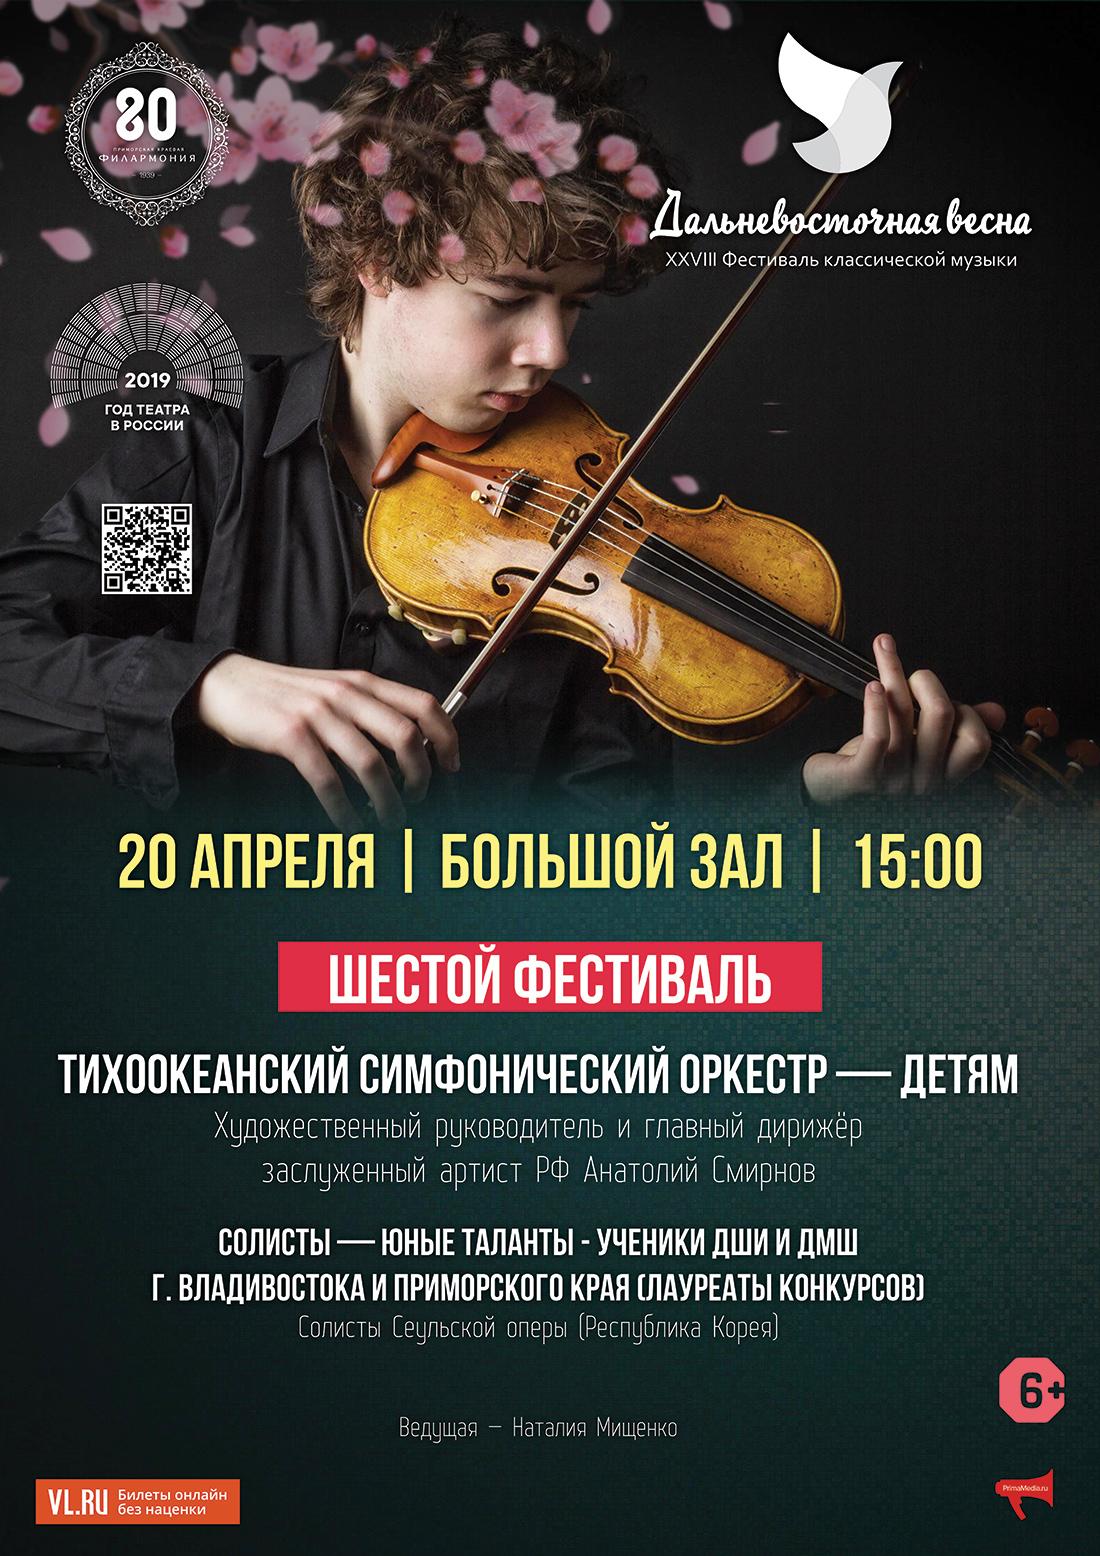 20 <br> апреля Шестой фестиваль «ТСО-ДЕТЯМ!»